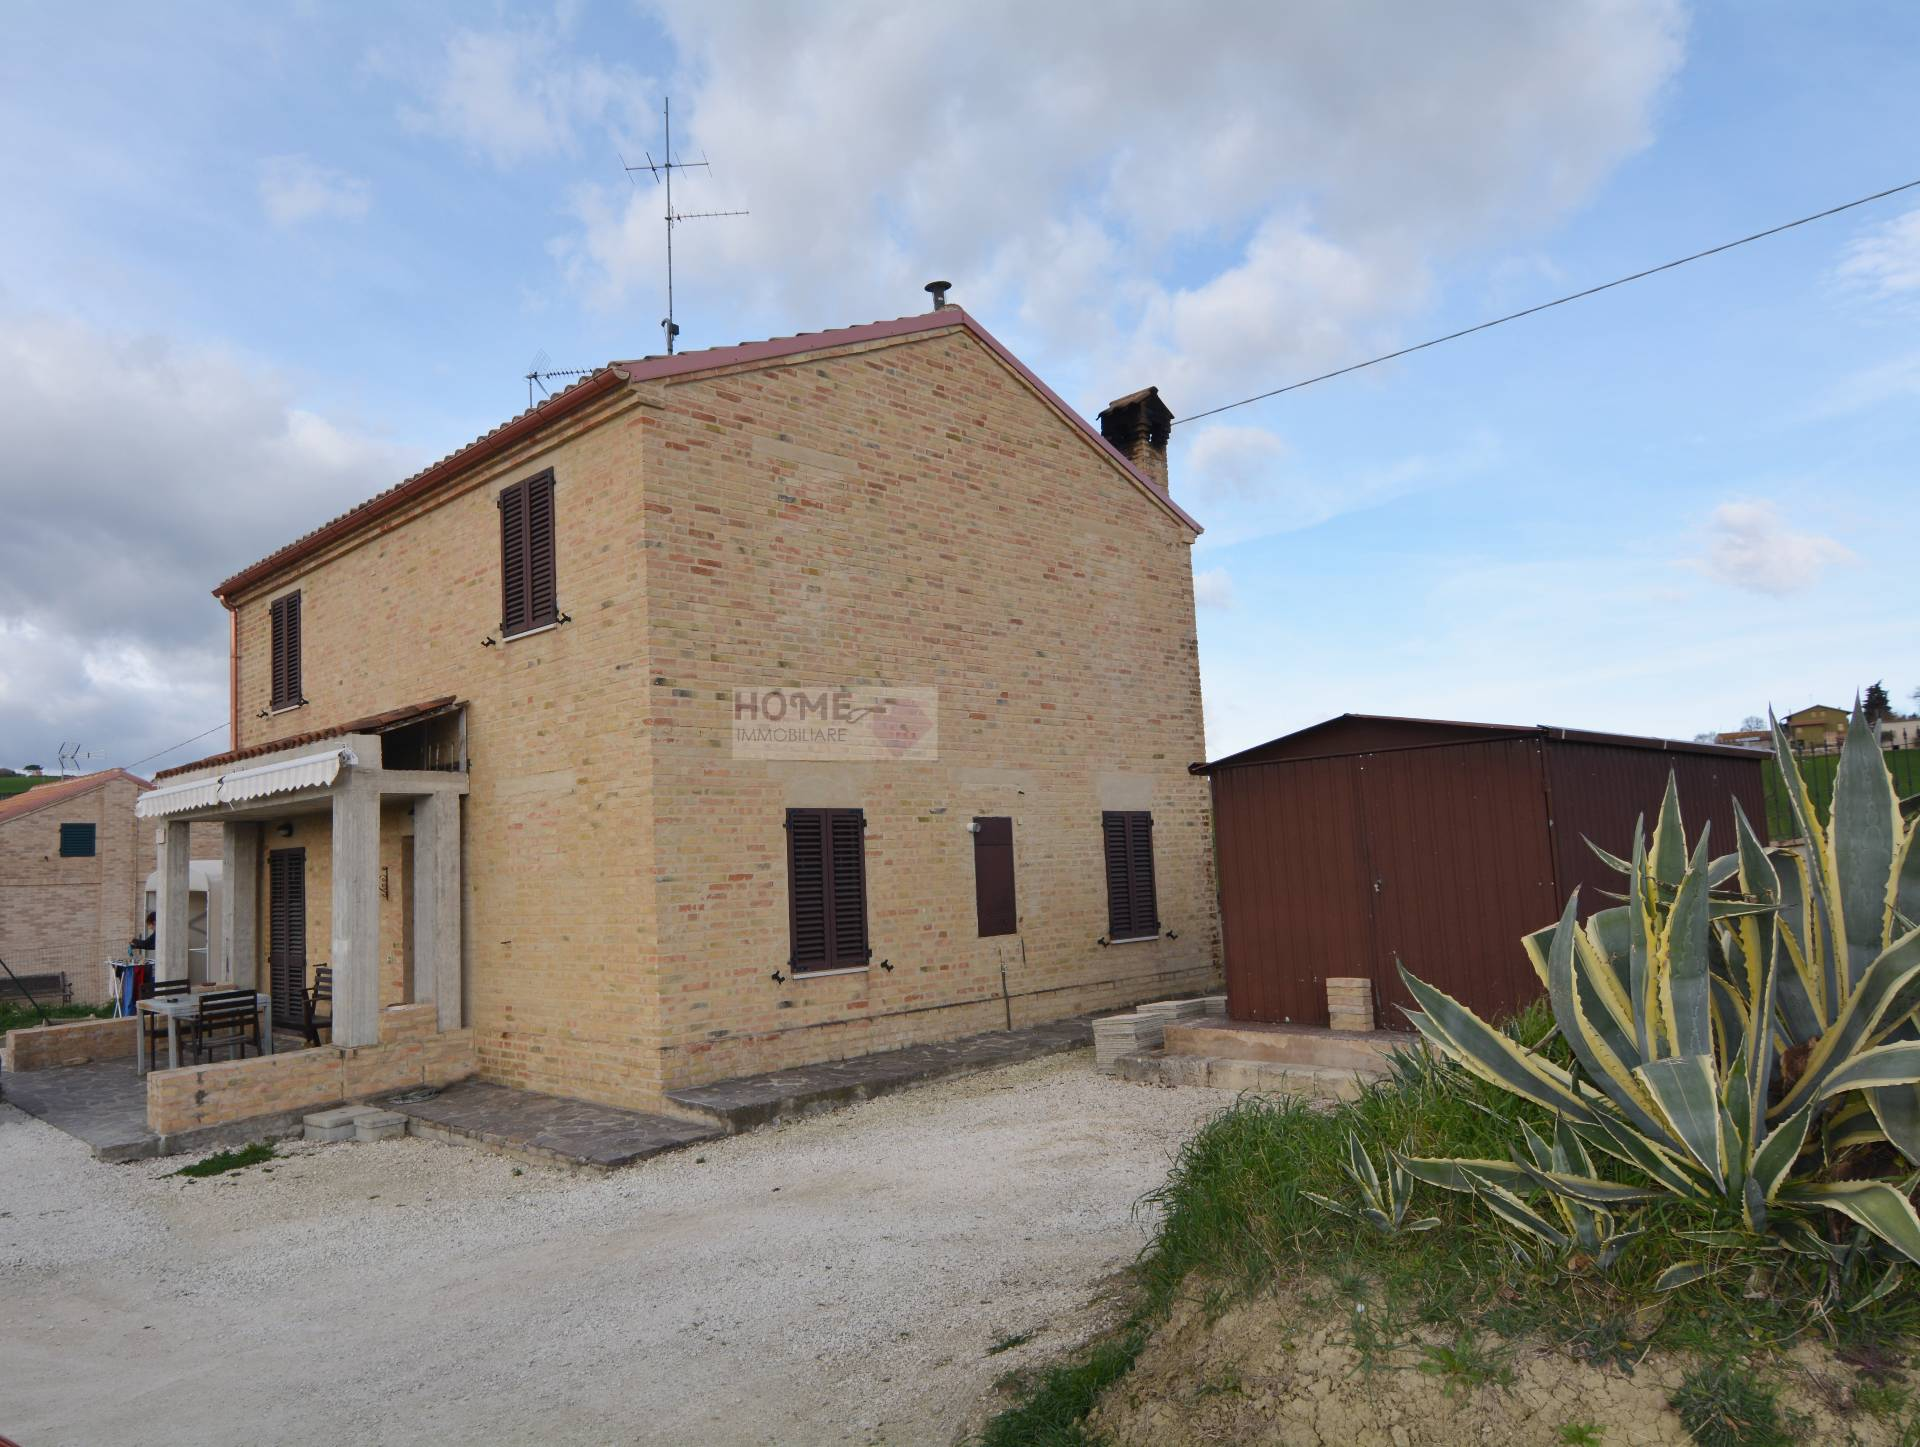 Soluzione Indipendente in vendita a Montecassiano, 7 locali, zona Località: periferia, prezzo € 270.000 | CambioCasa.it